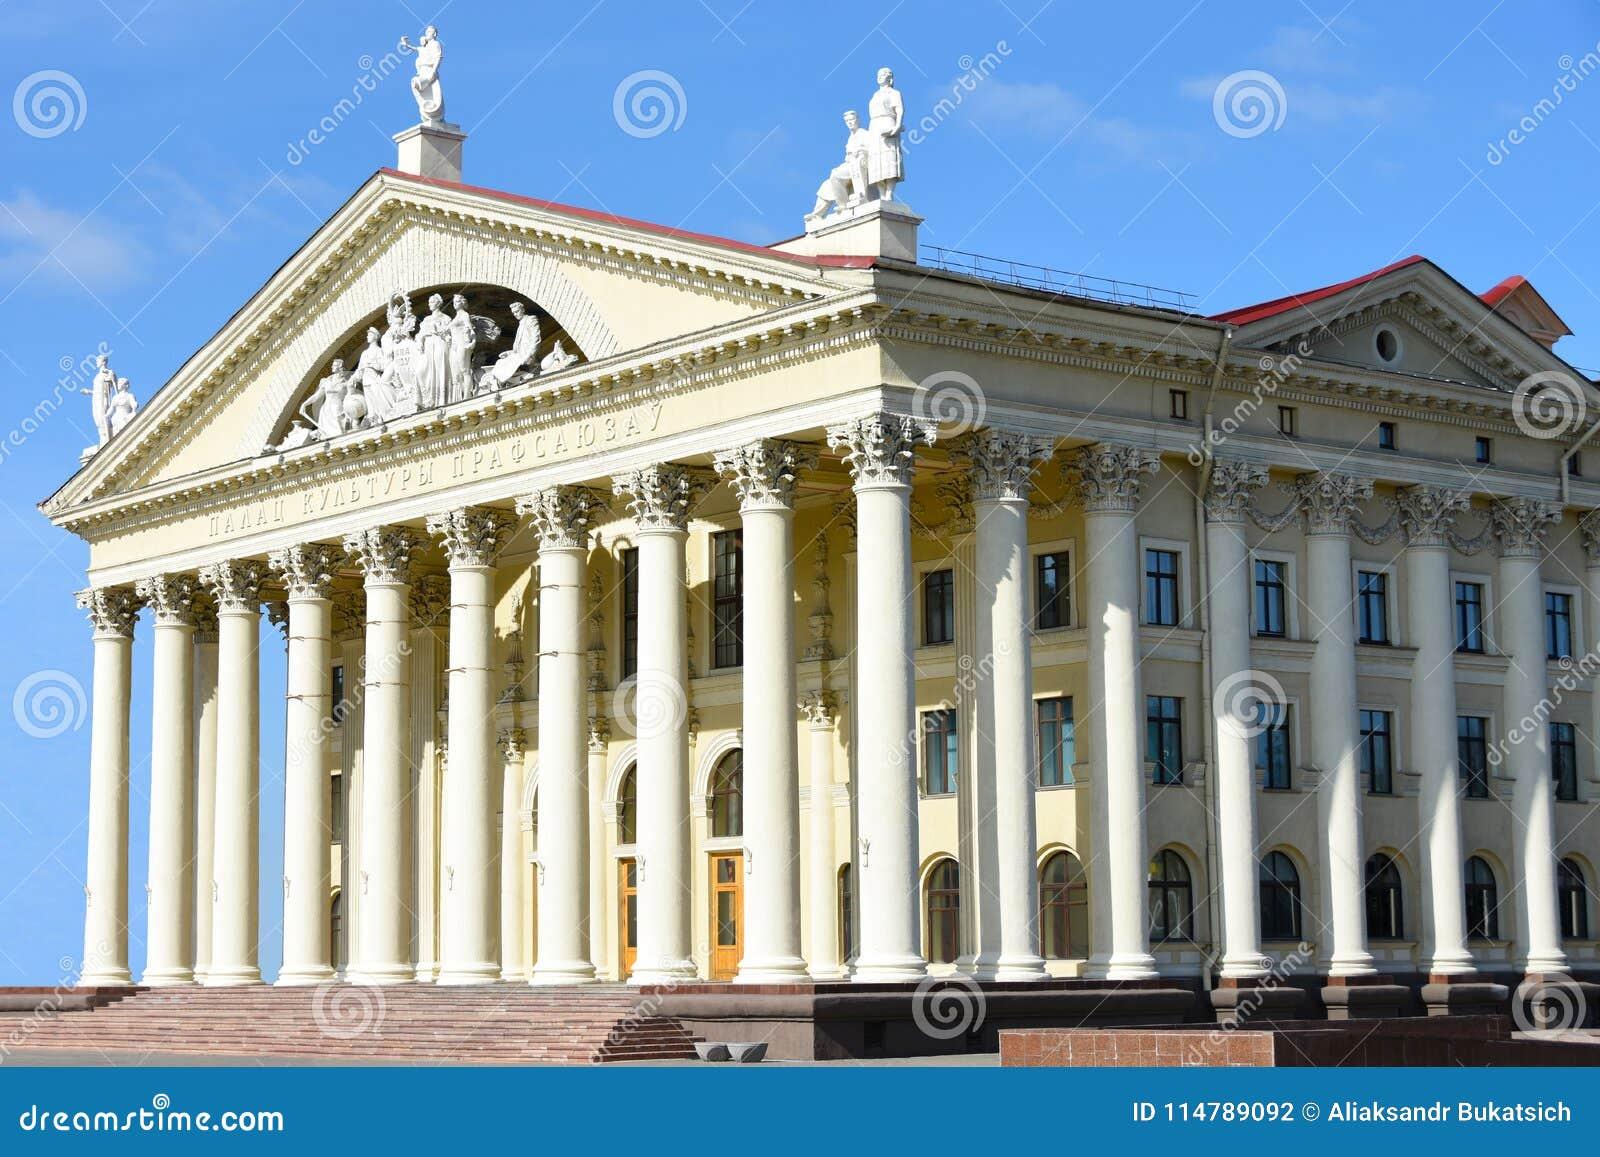 Minsk, Republic of Belarus o palácio da cultura dos sindicatos é a casa da cultura do sindicato de Bielorrússia, o centro